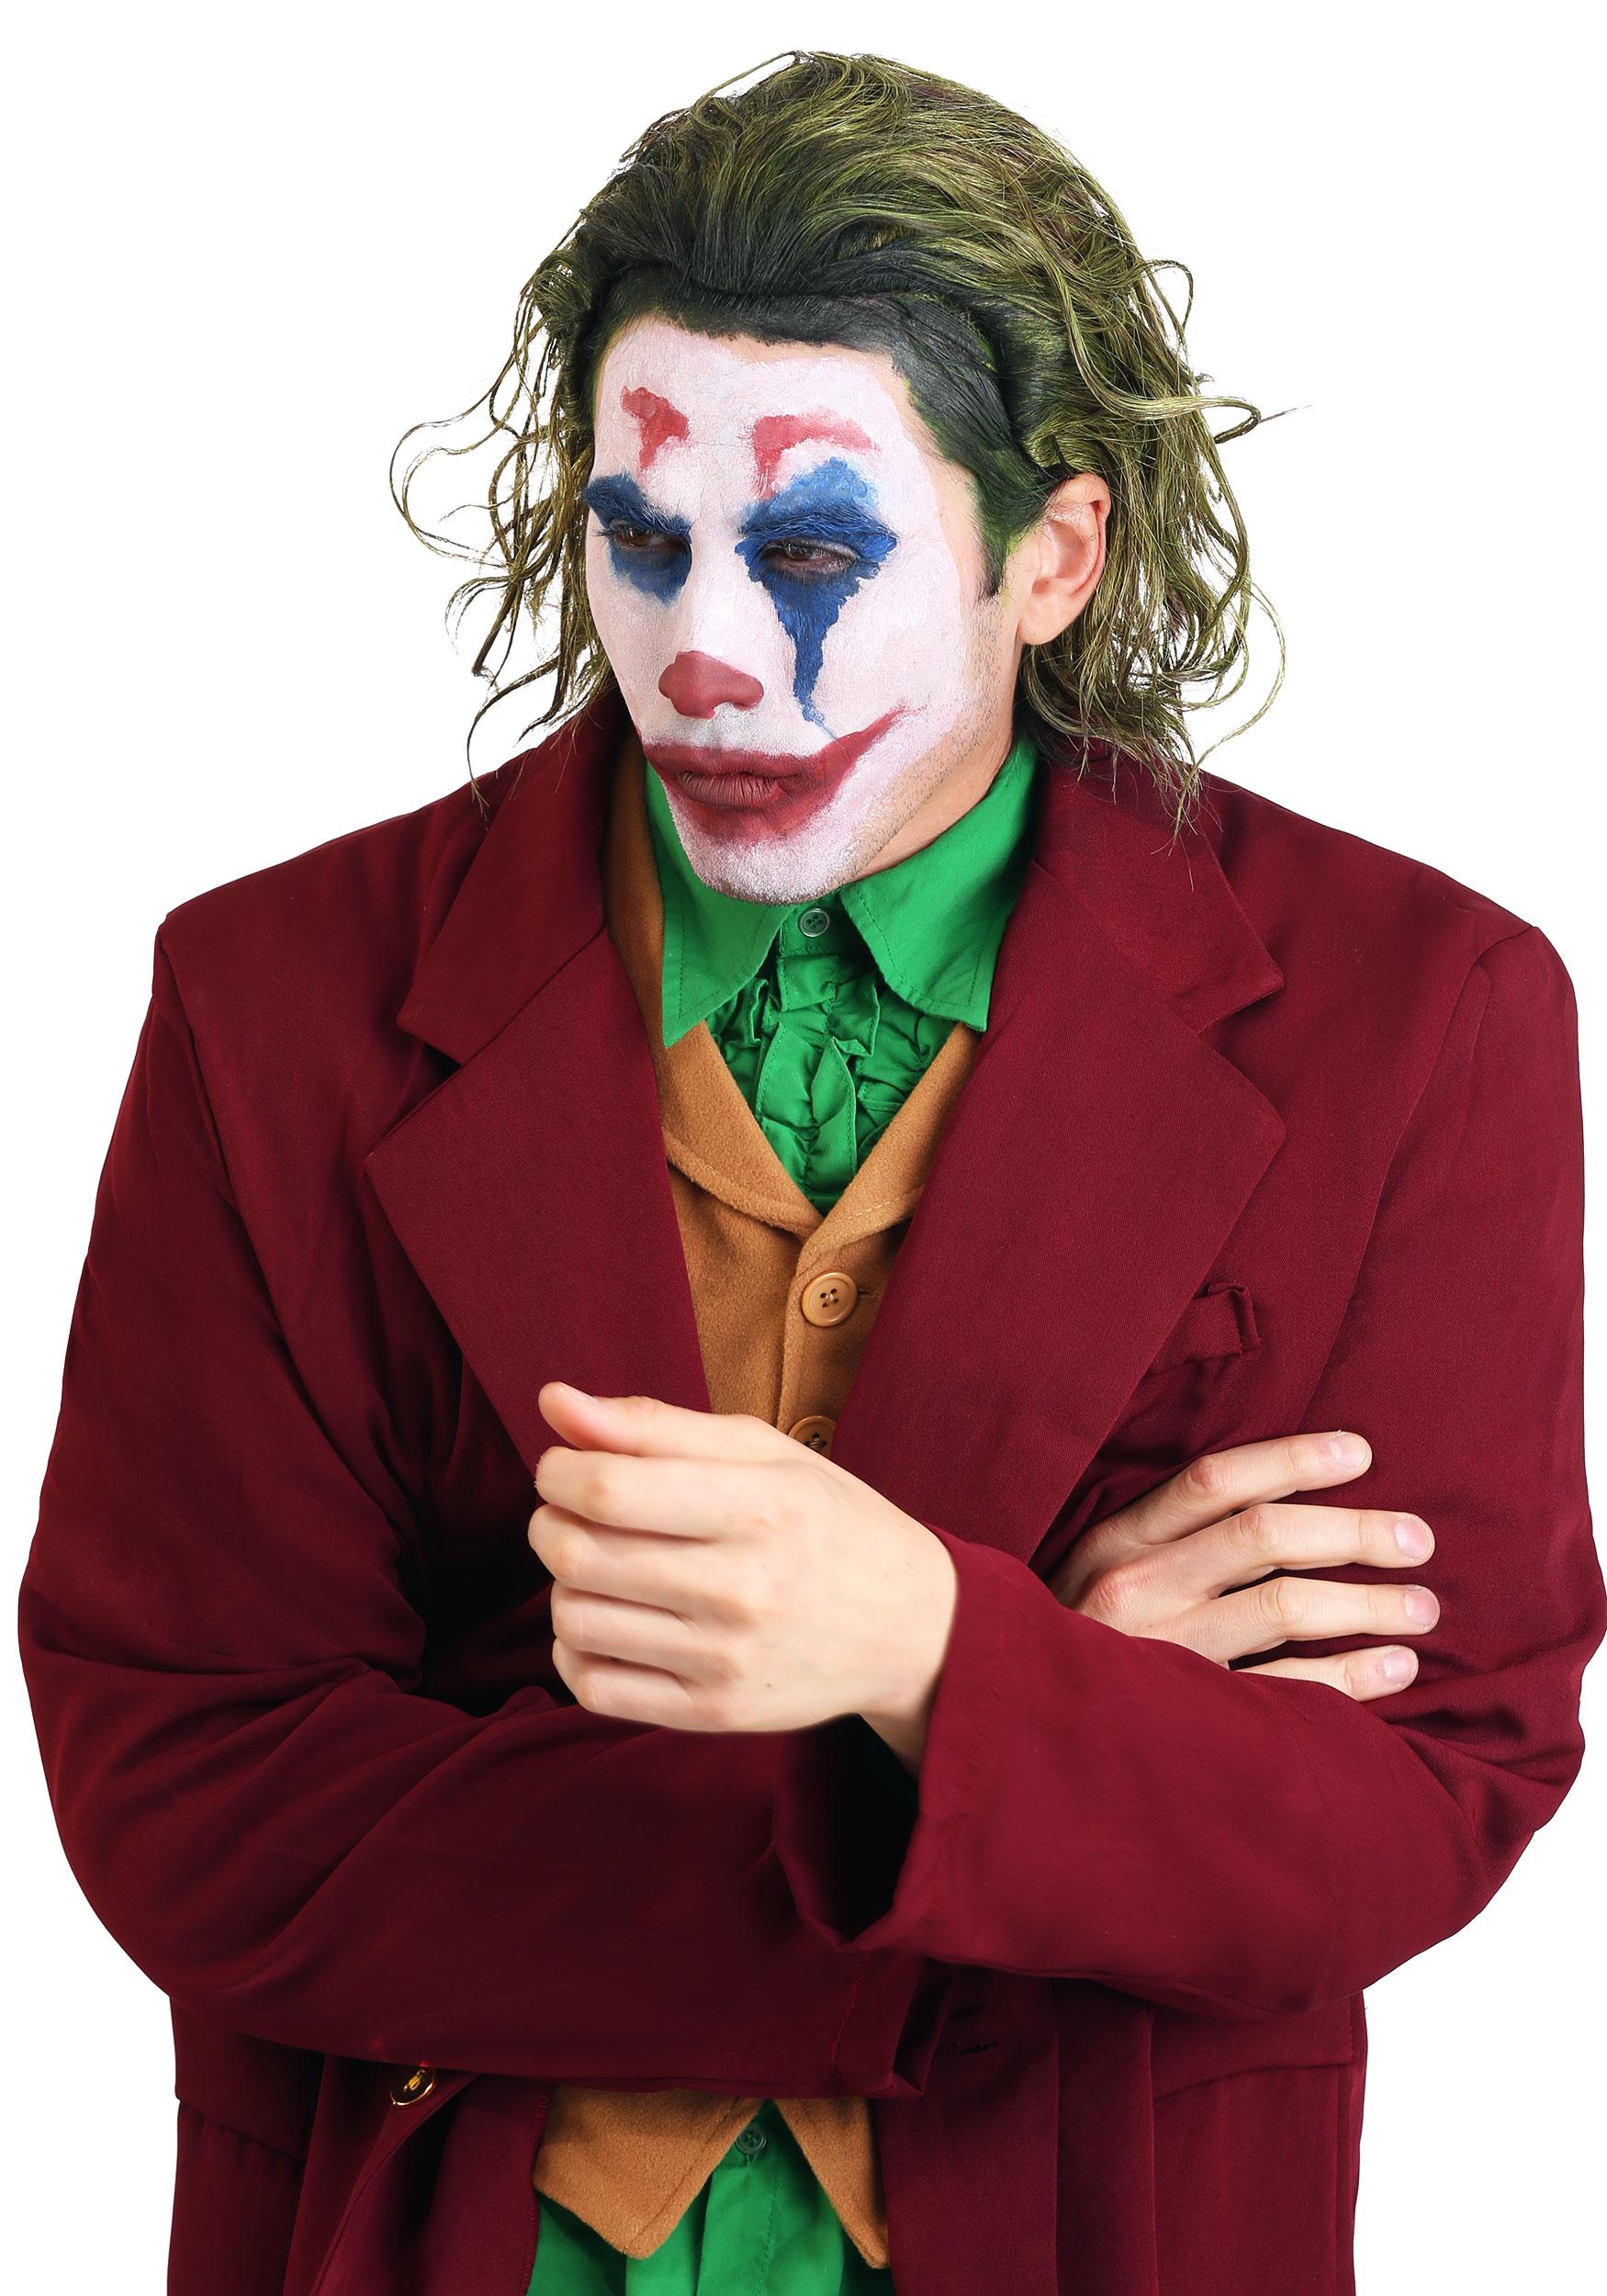 joaquin phoenix joker cosplay